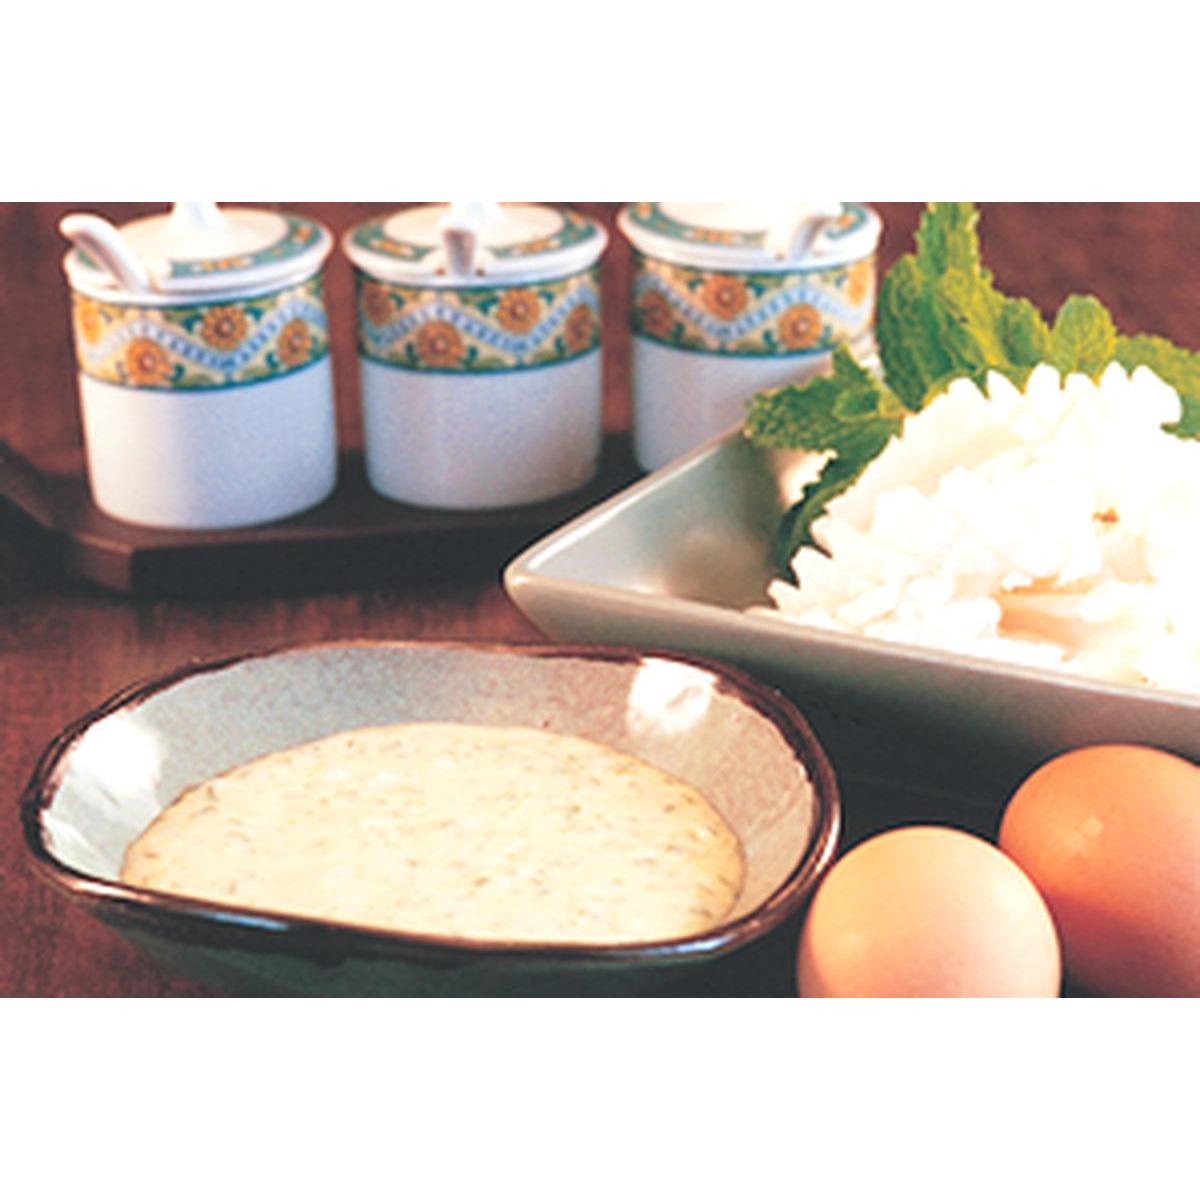 食譜:薄荷塔塔醬